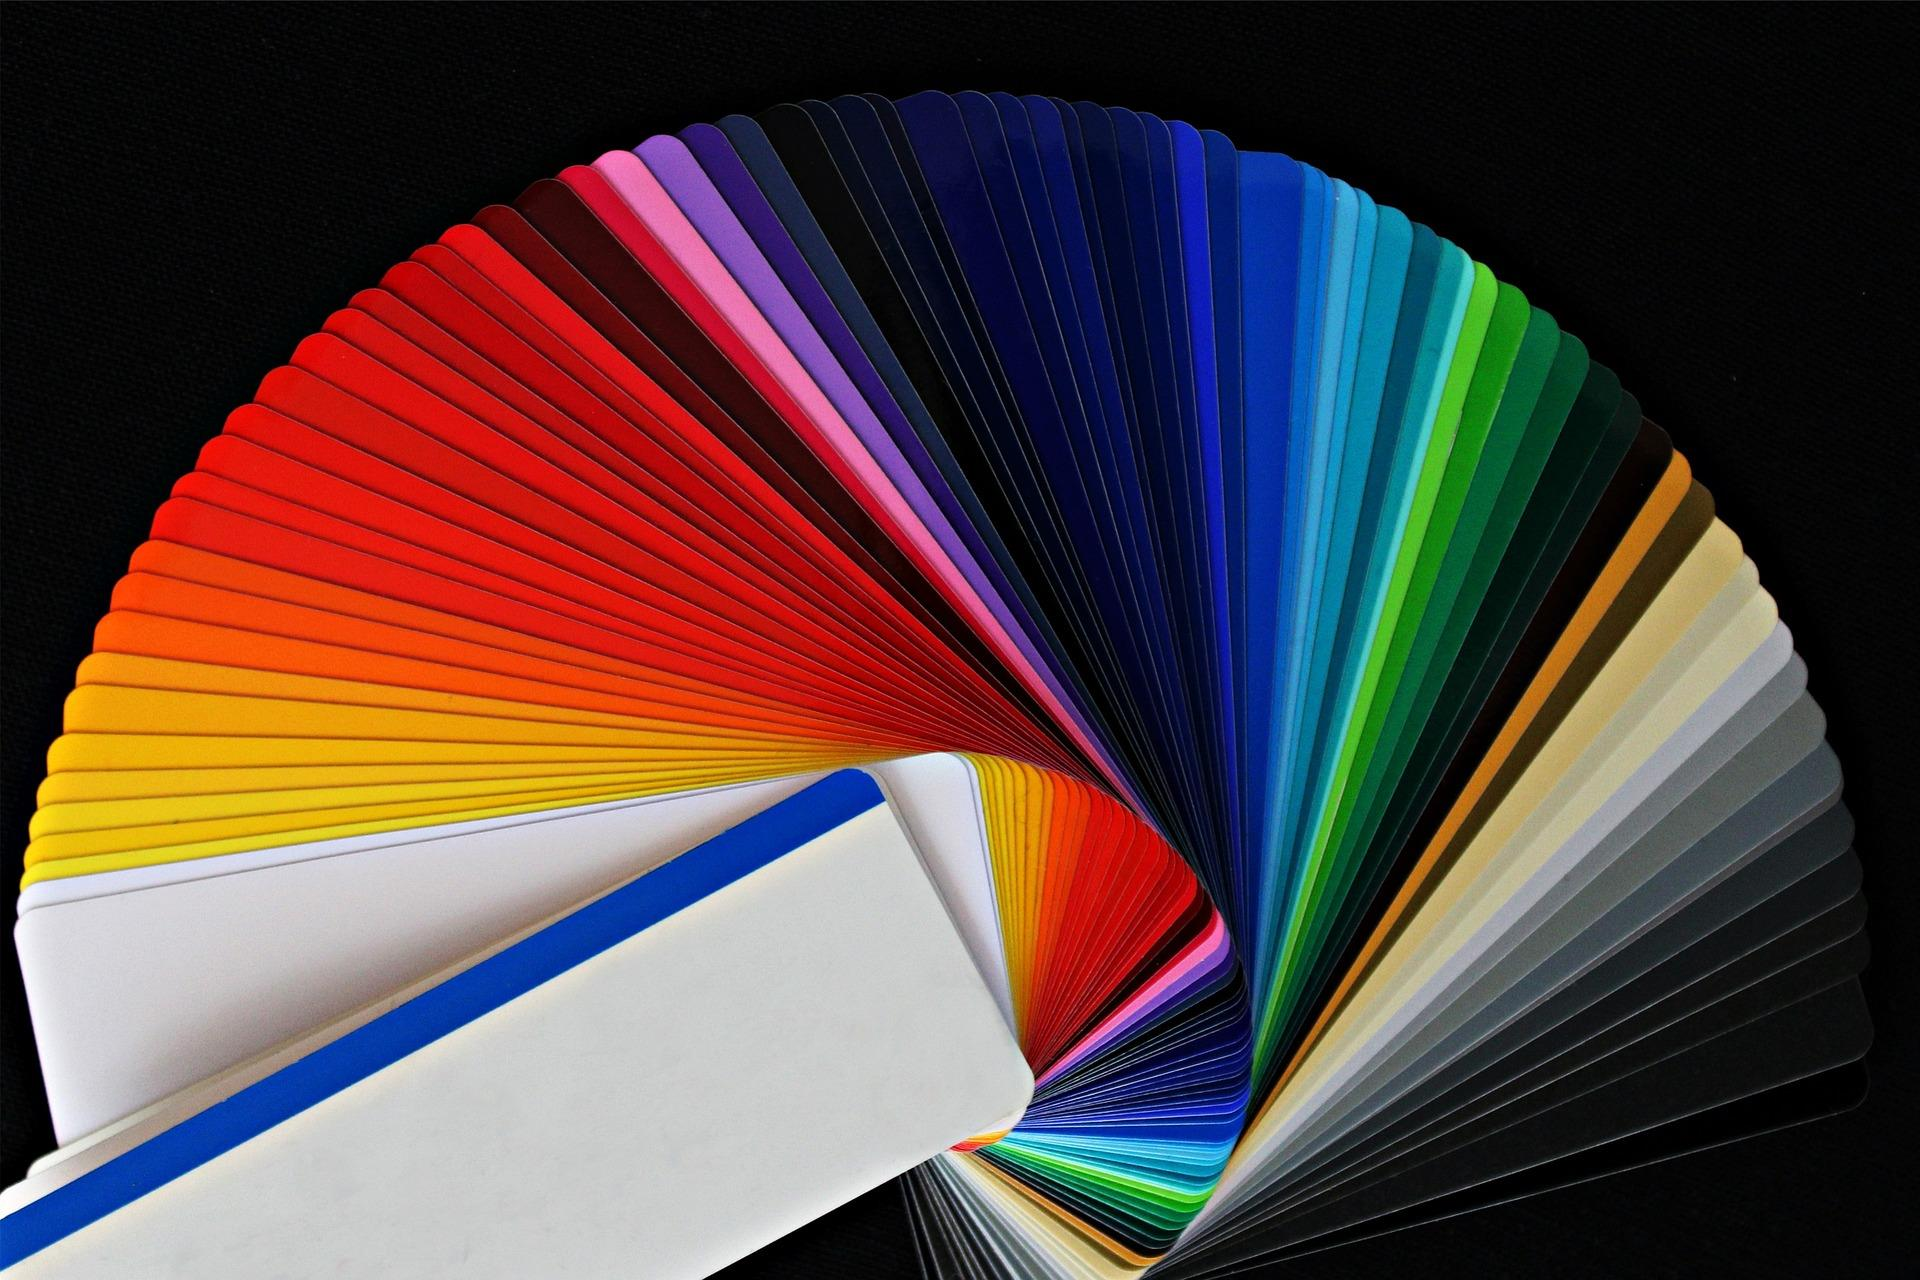 gratuit-fonds-ecran-toutes-les-couleurs_1